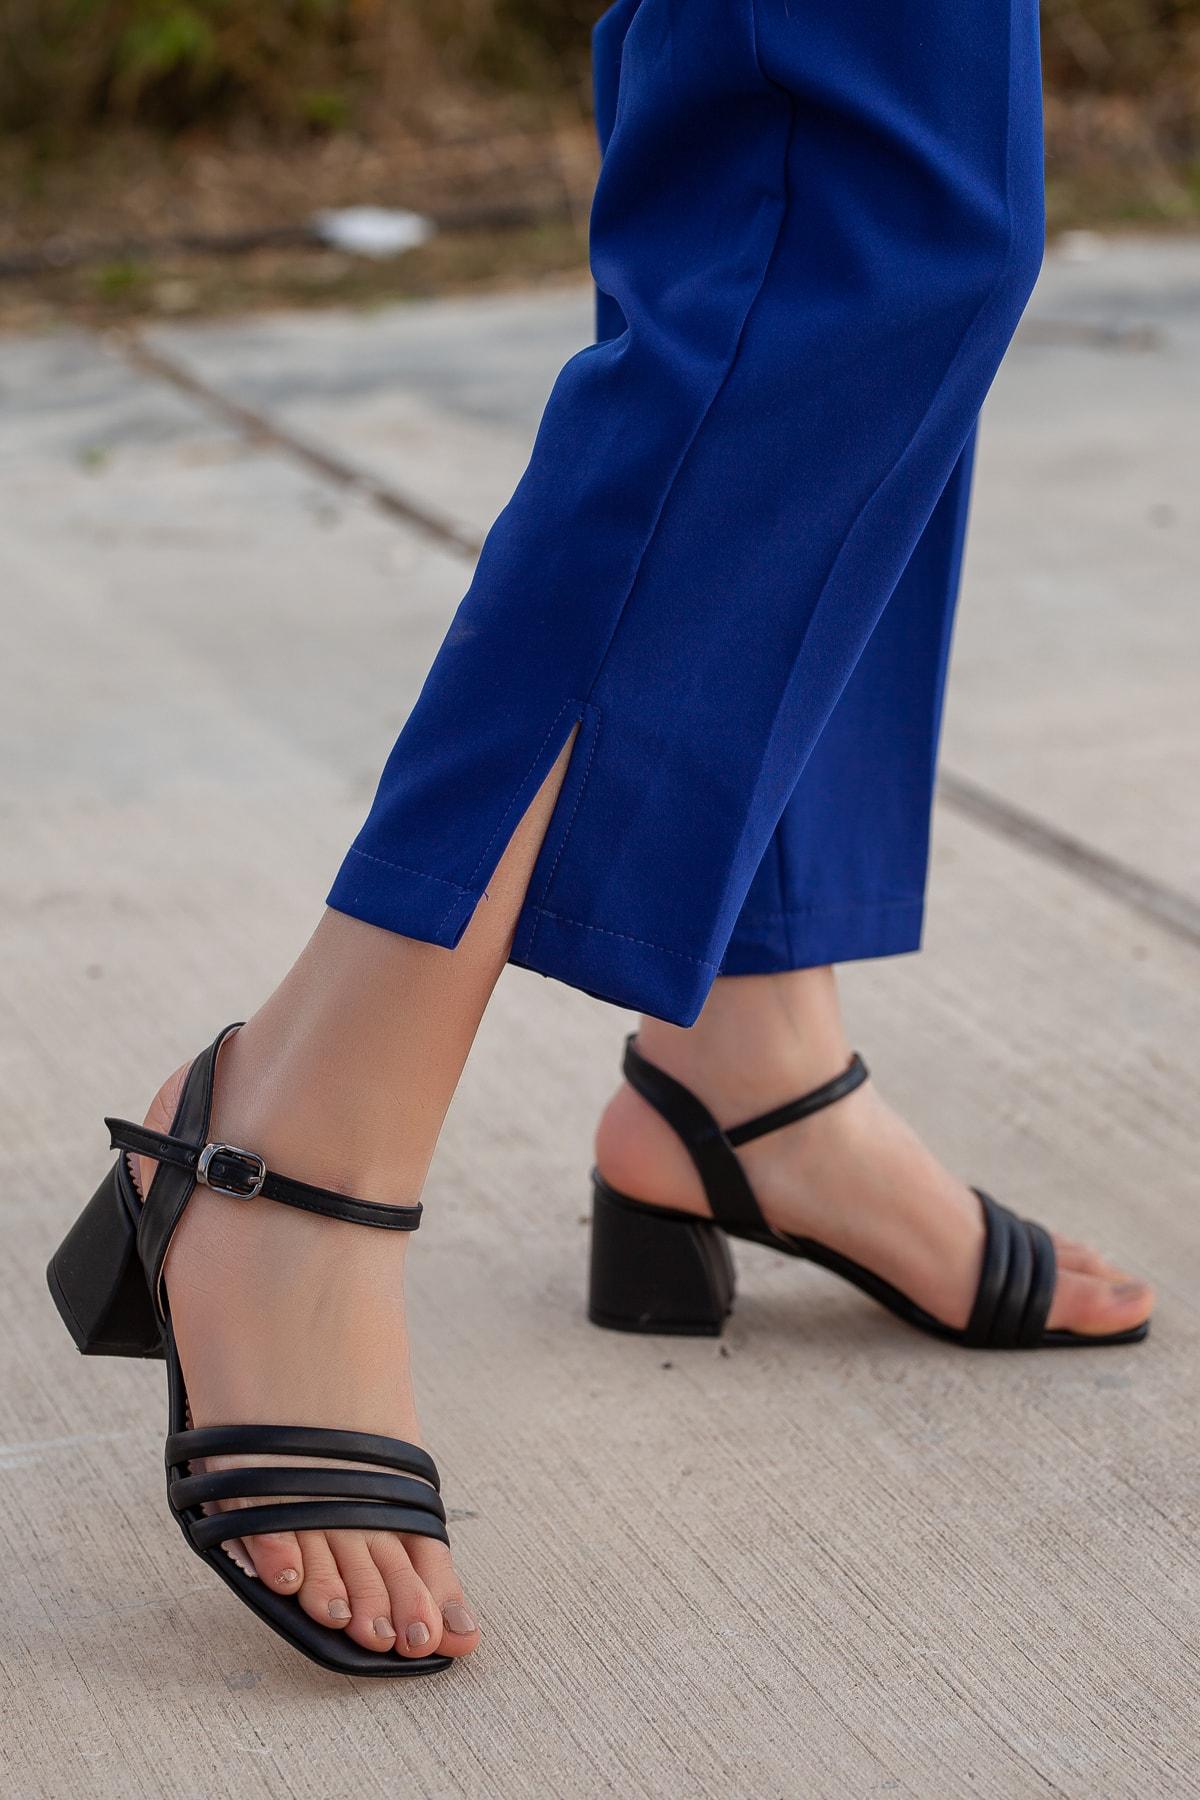 Daxtors Kadın Siyah Klasik Topuklu Ayakkabı 1